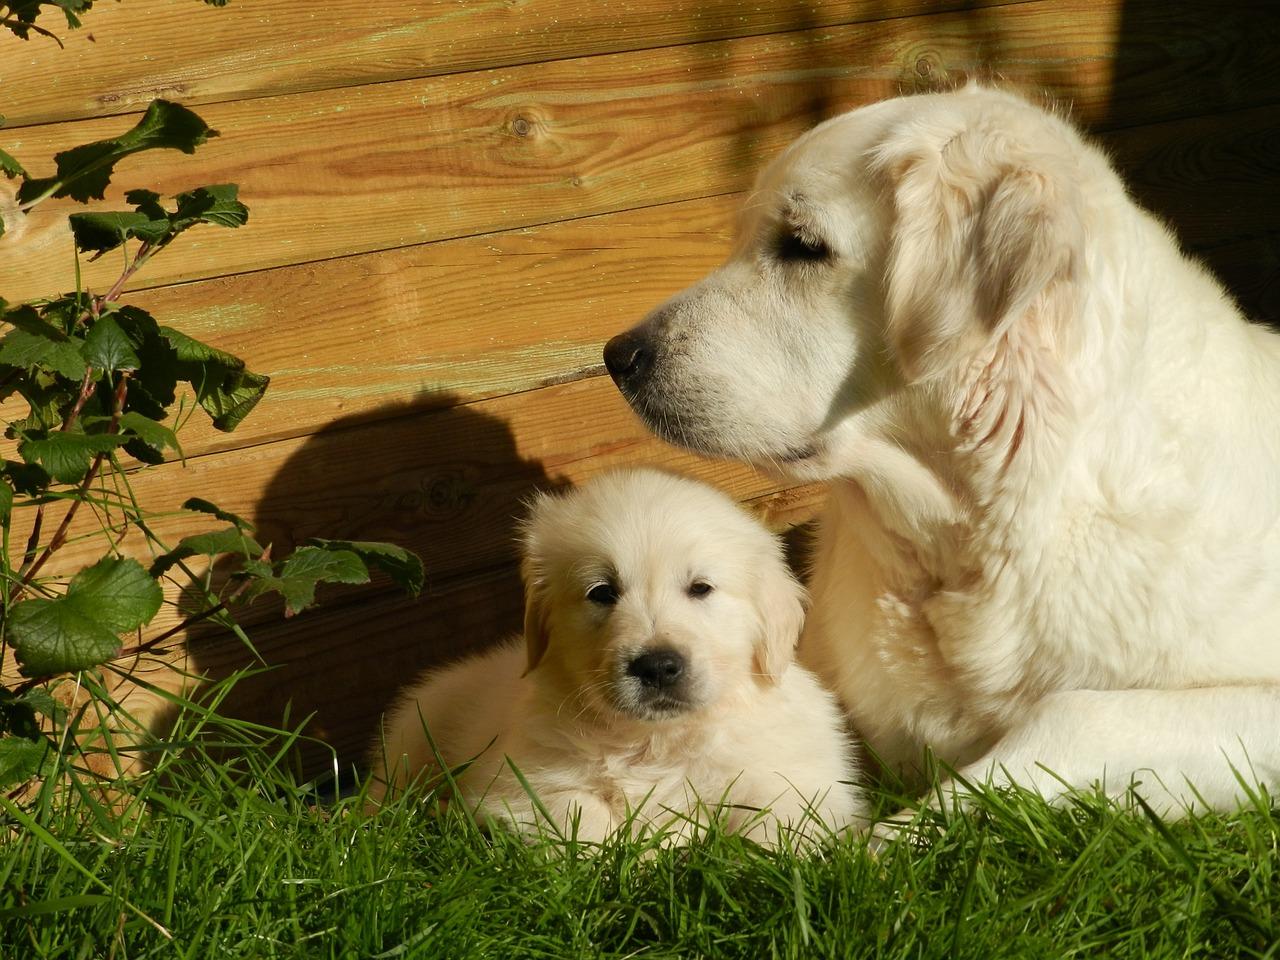 子犬に寄り添う母犬